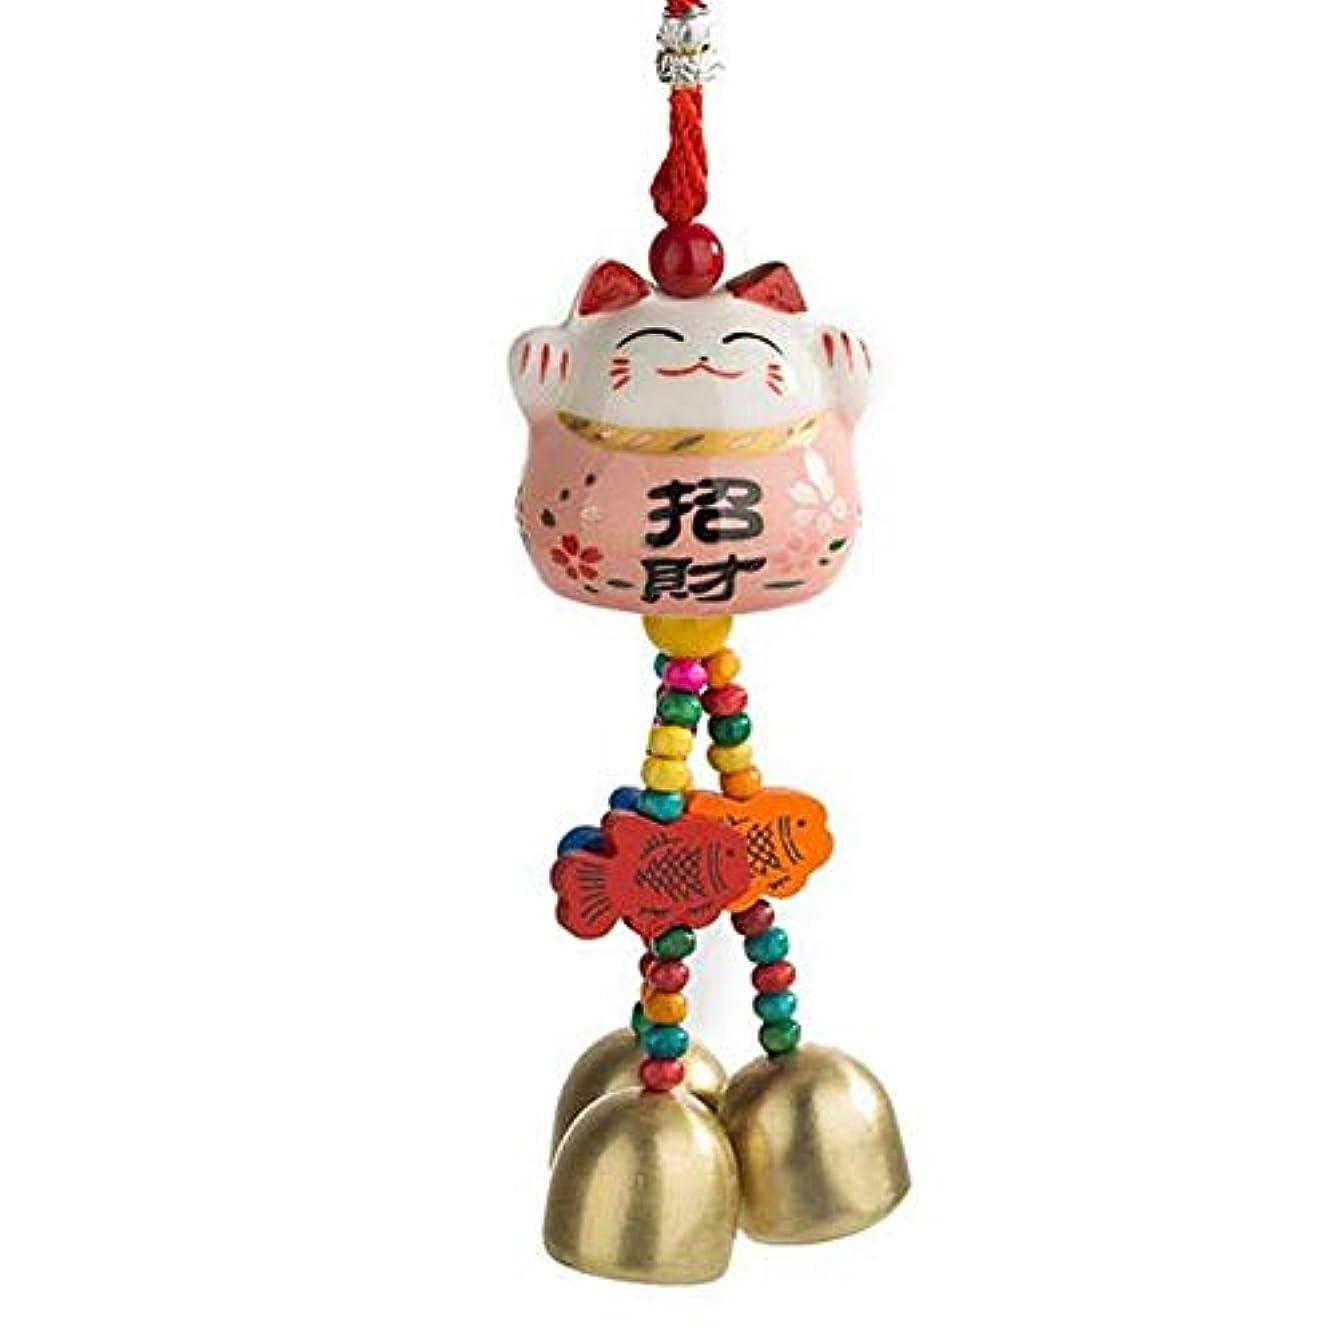 全滅させる祝福ストラップJingfengtongxun 風チャイム、かわいいクリエイティブセラミック猫風の鐘、赤、長い28センチメートル,スタイリッシュなホリデーギフト (Color : Pink)